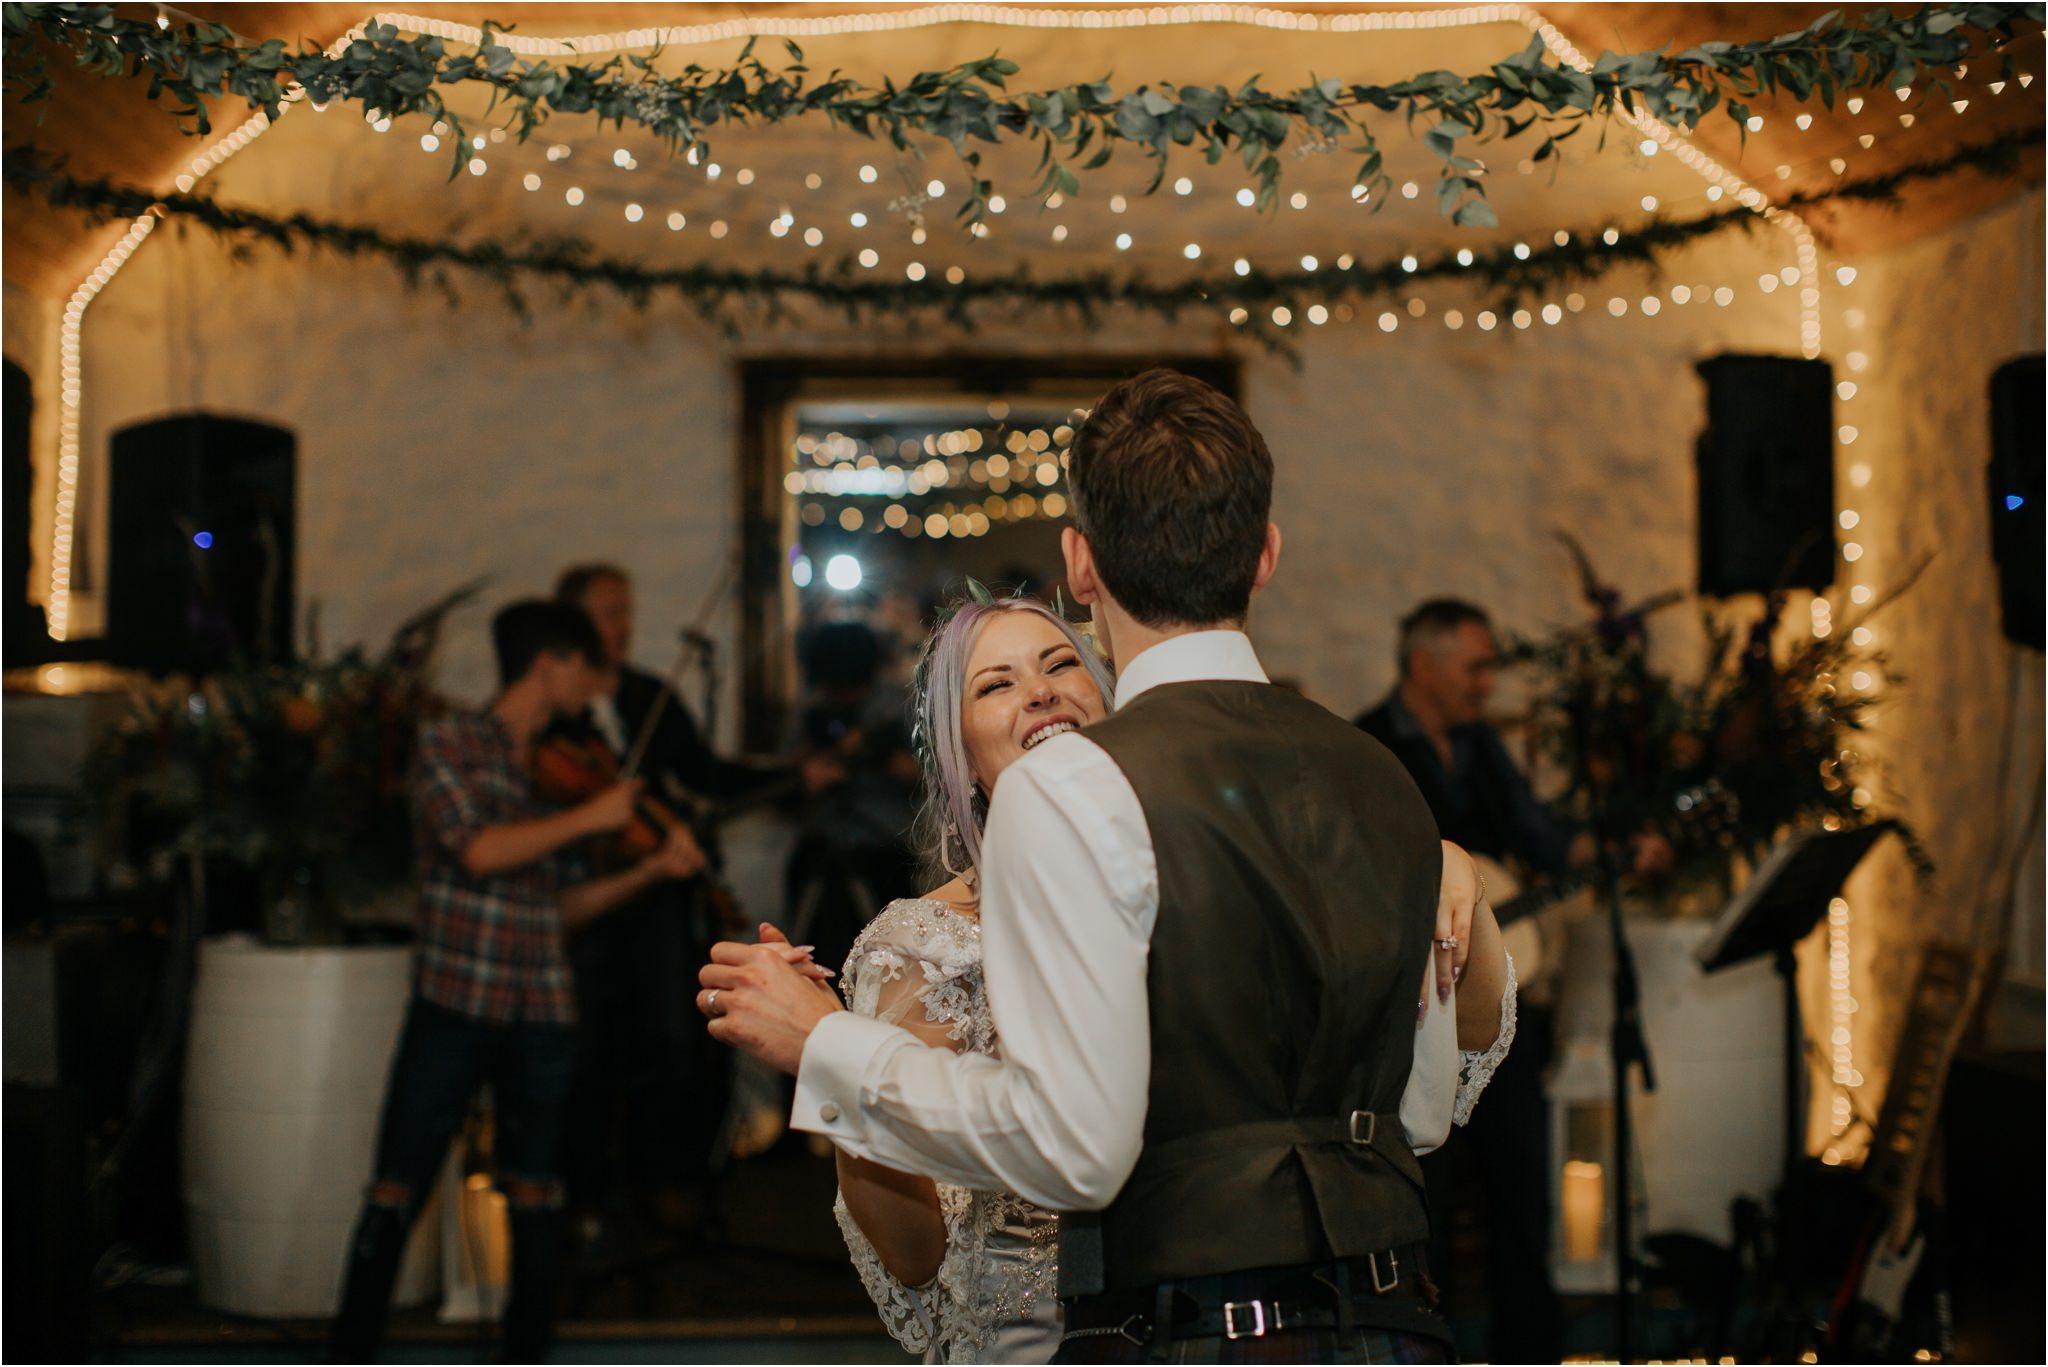 Photography 78 - Glasgow Wedding Photographer - Pete & Eilidh - Dalduff Farm_0102.jpg